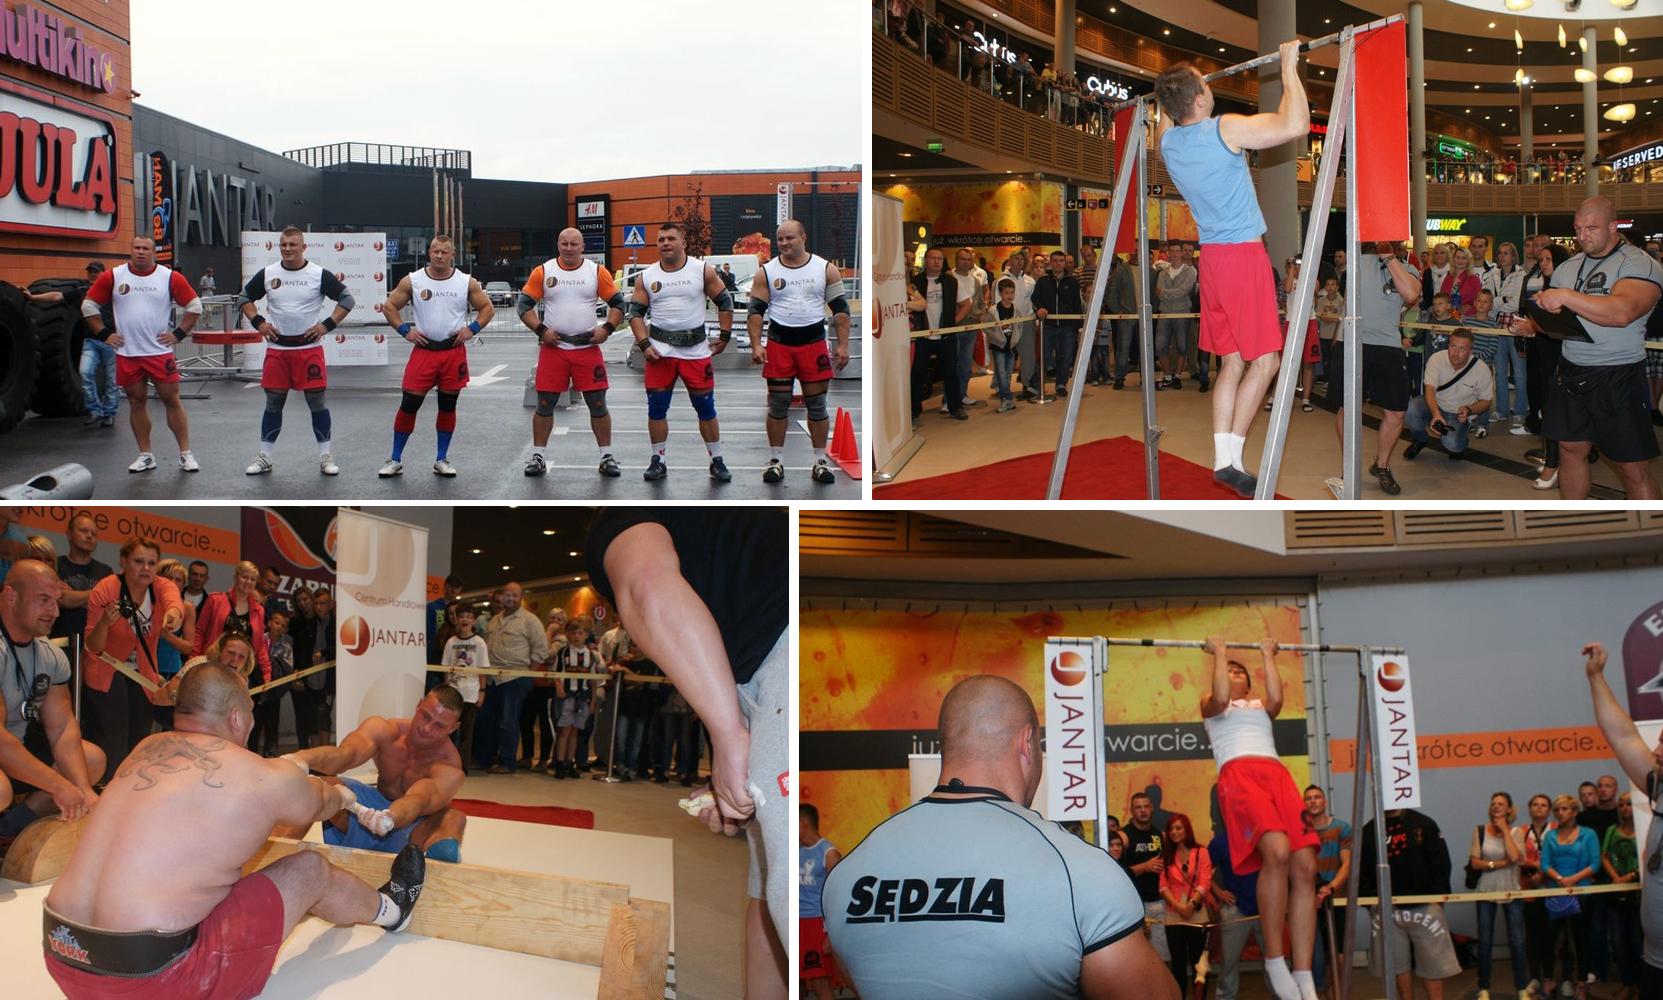 Festiwal Siły i Sprawności, który zorganizowaliśmy w galerii Jantar